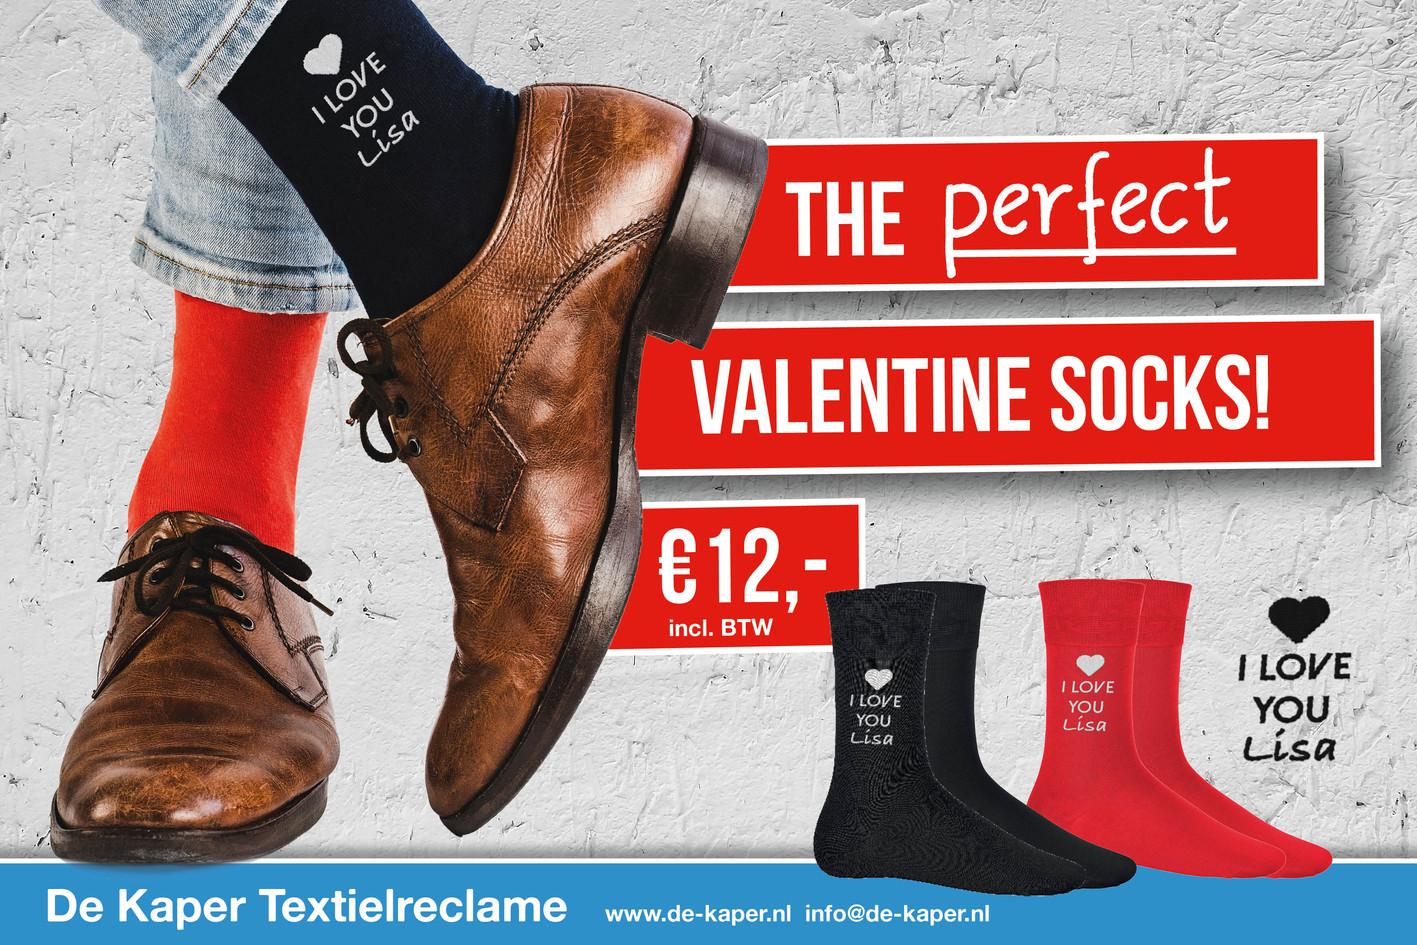 Valentijns sokken